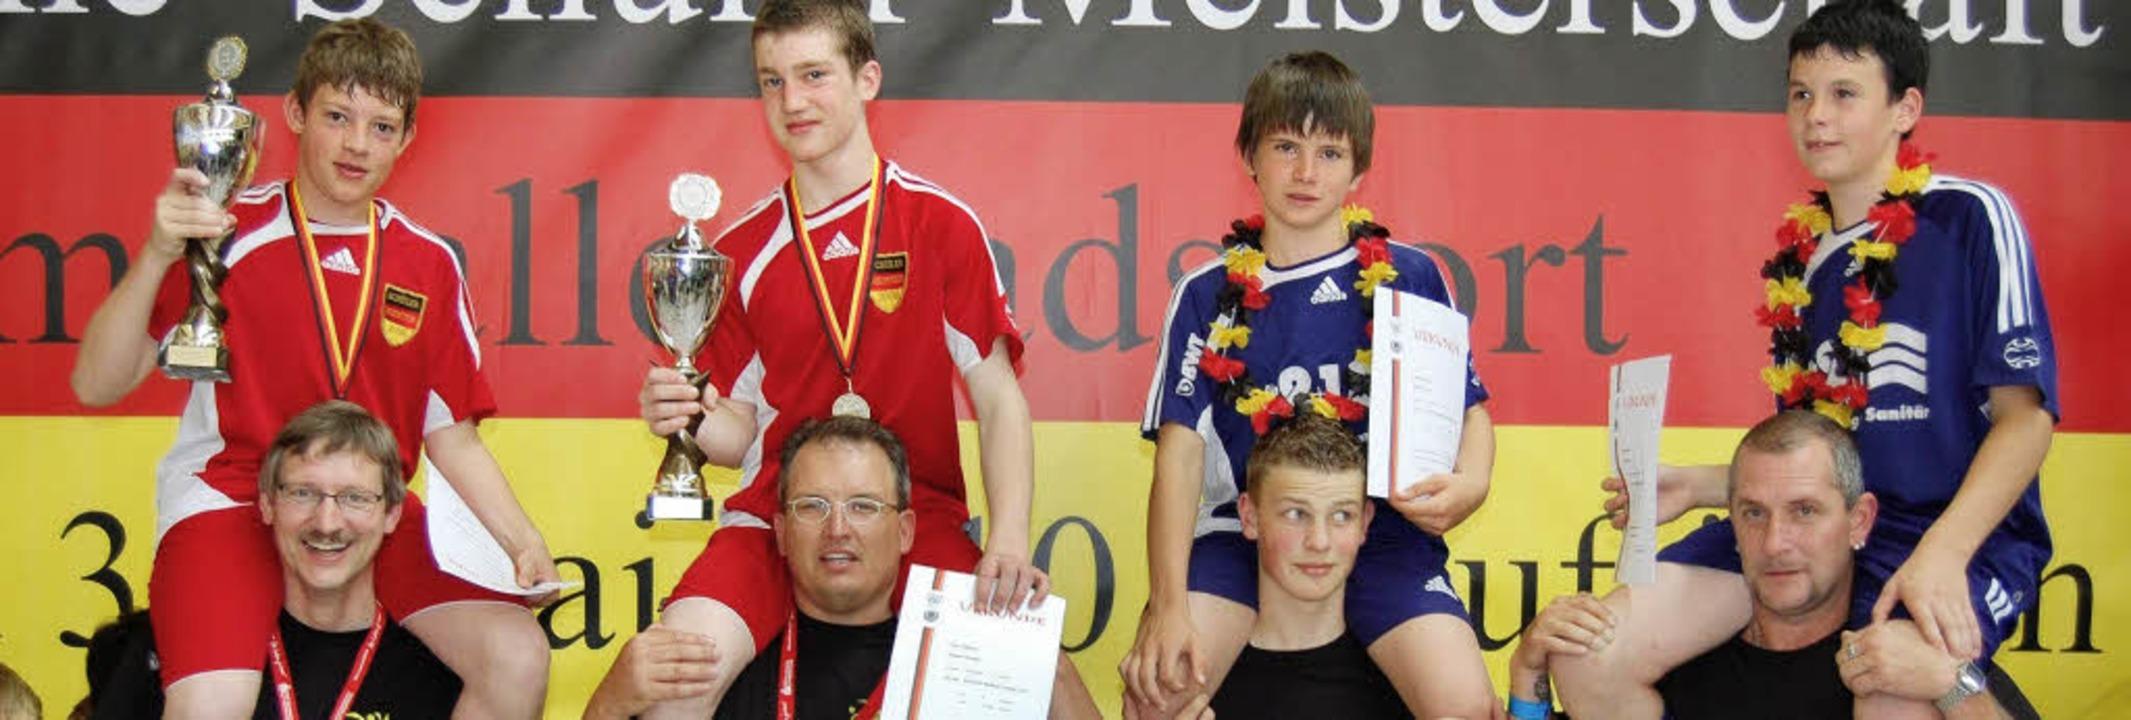 Glückliche Radballer des RSV Öflingen ...eber, Luca Klausmann und Gert Eckert.   | Foto: Privat